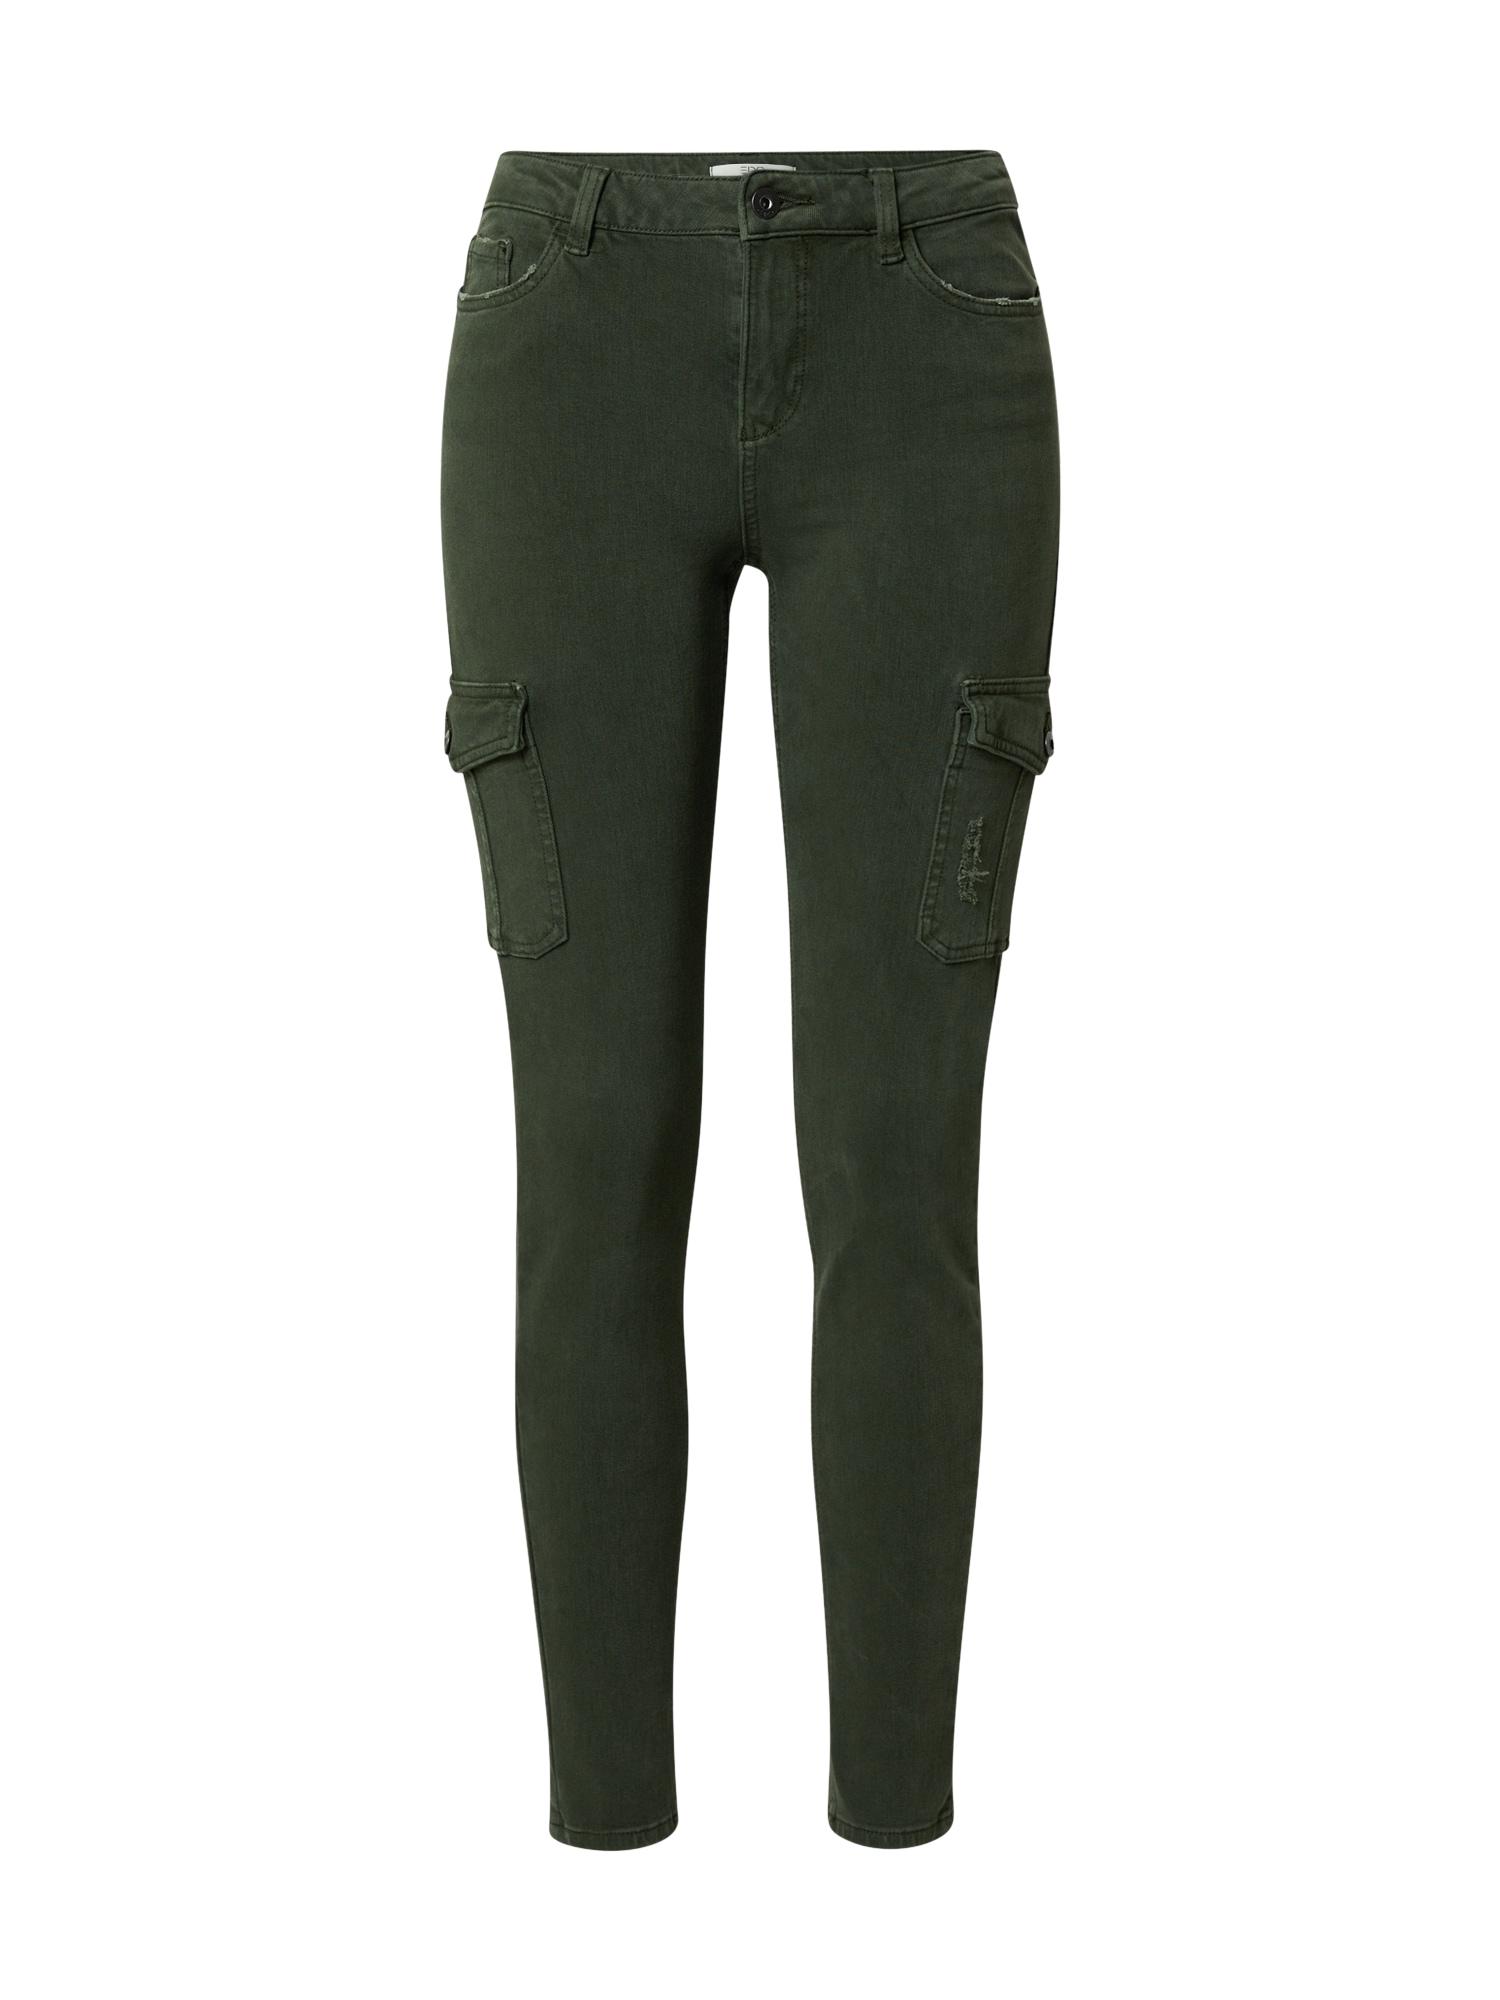 EDC BY ESPRIT Darbinio stiliaus džinsai rusvai žalia